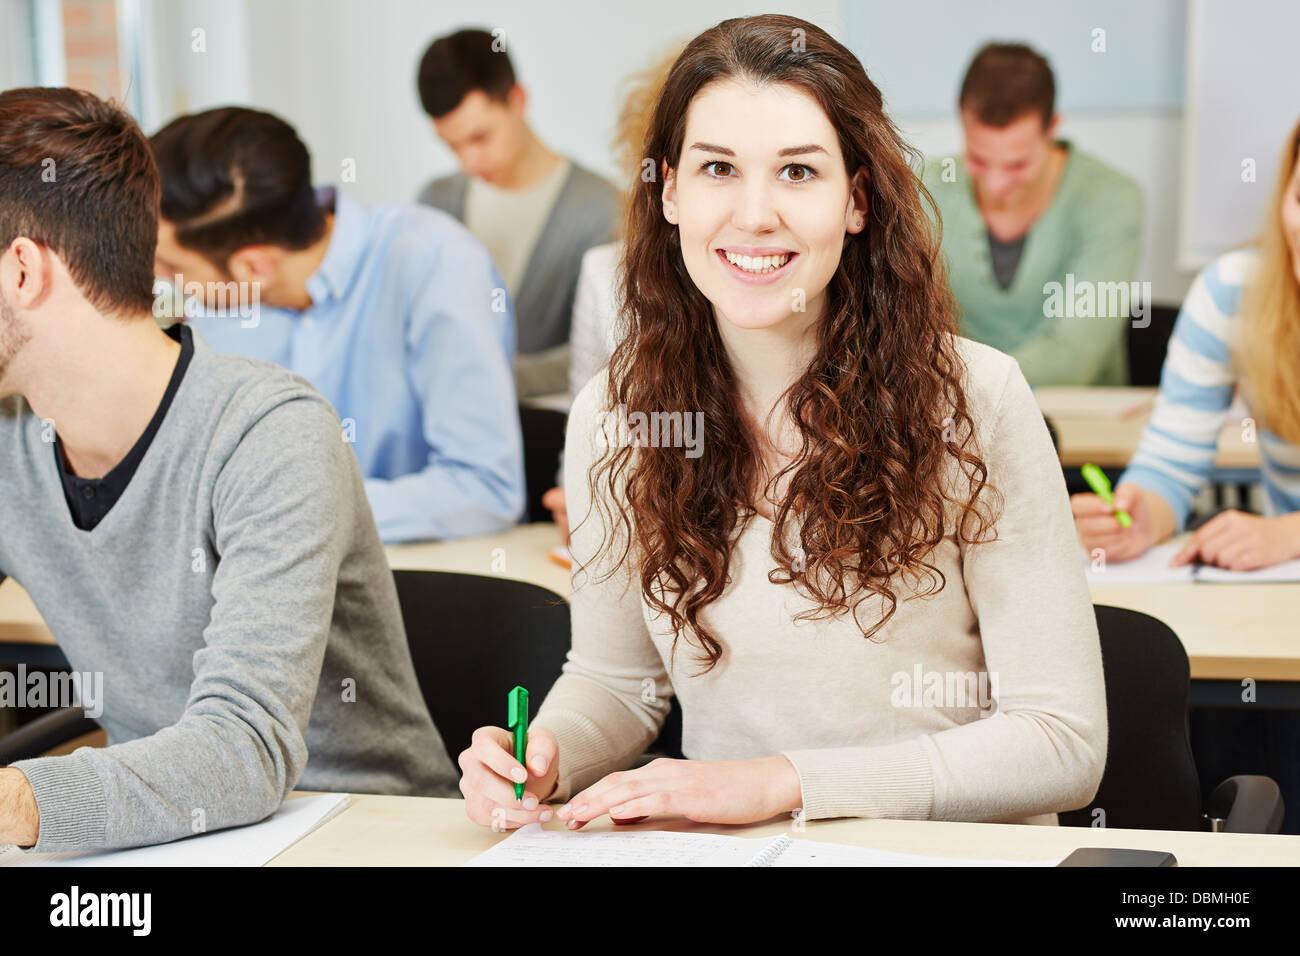 Test d'aptitude pour prendre femme emplyment dépistage dans un centre d'évaluation Photo Stock